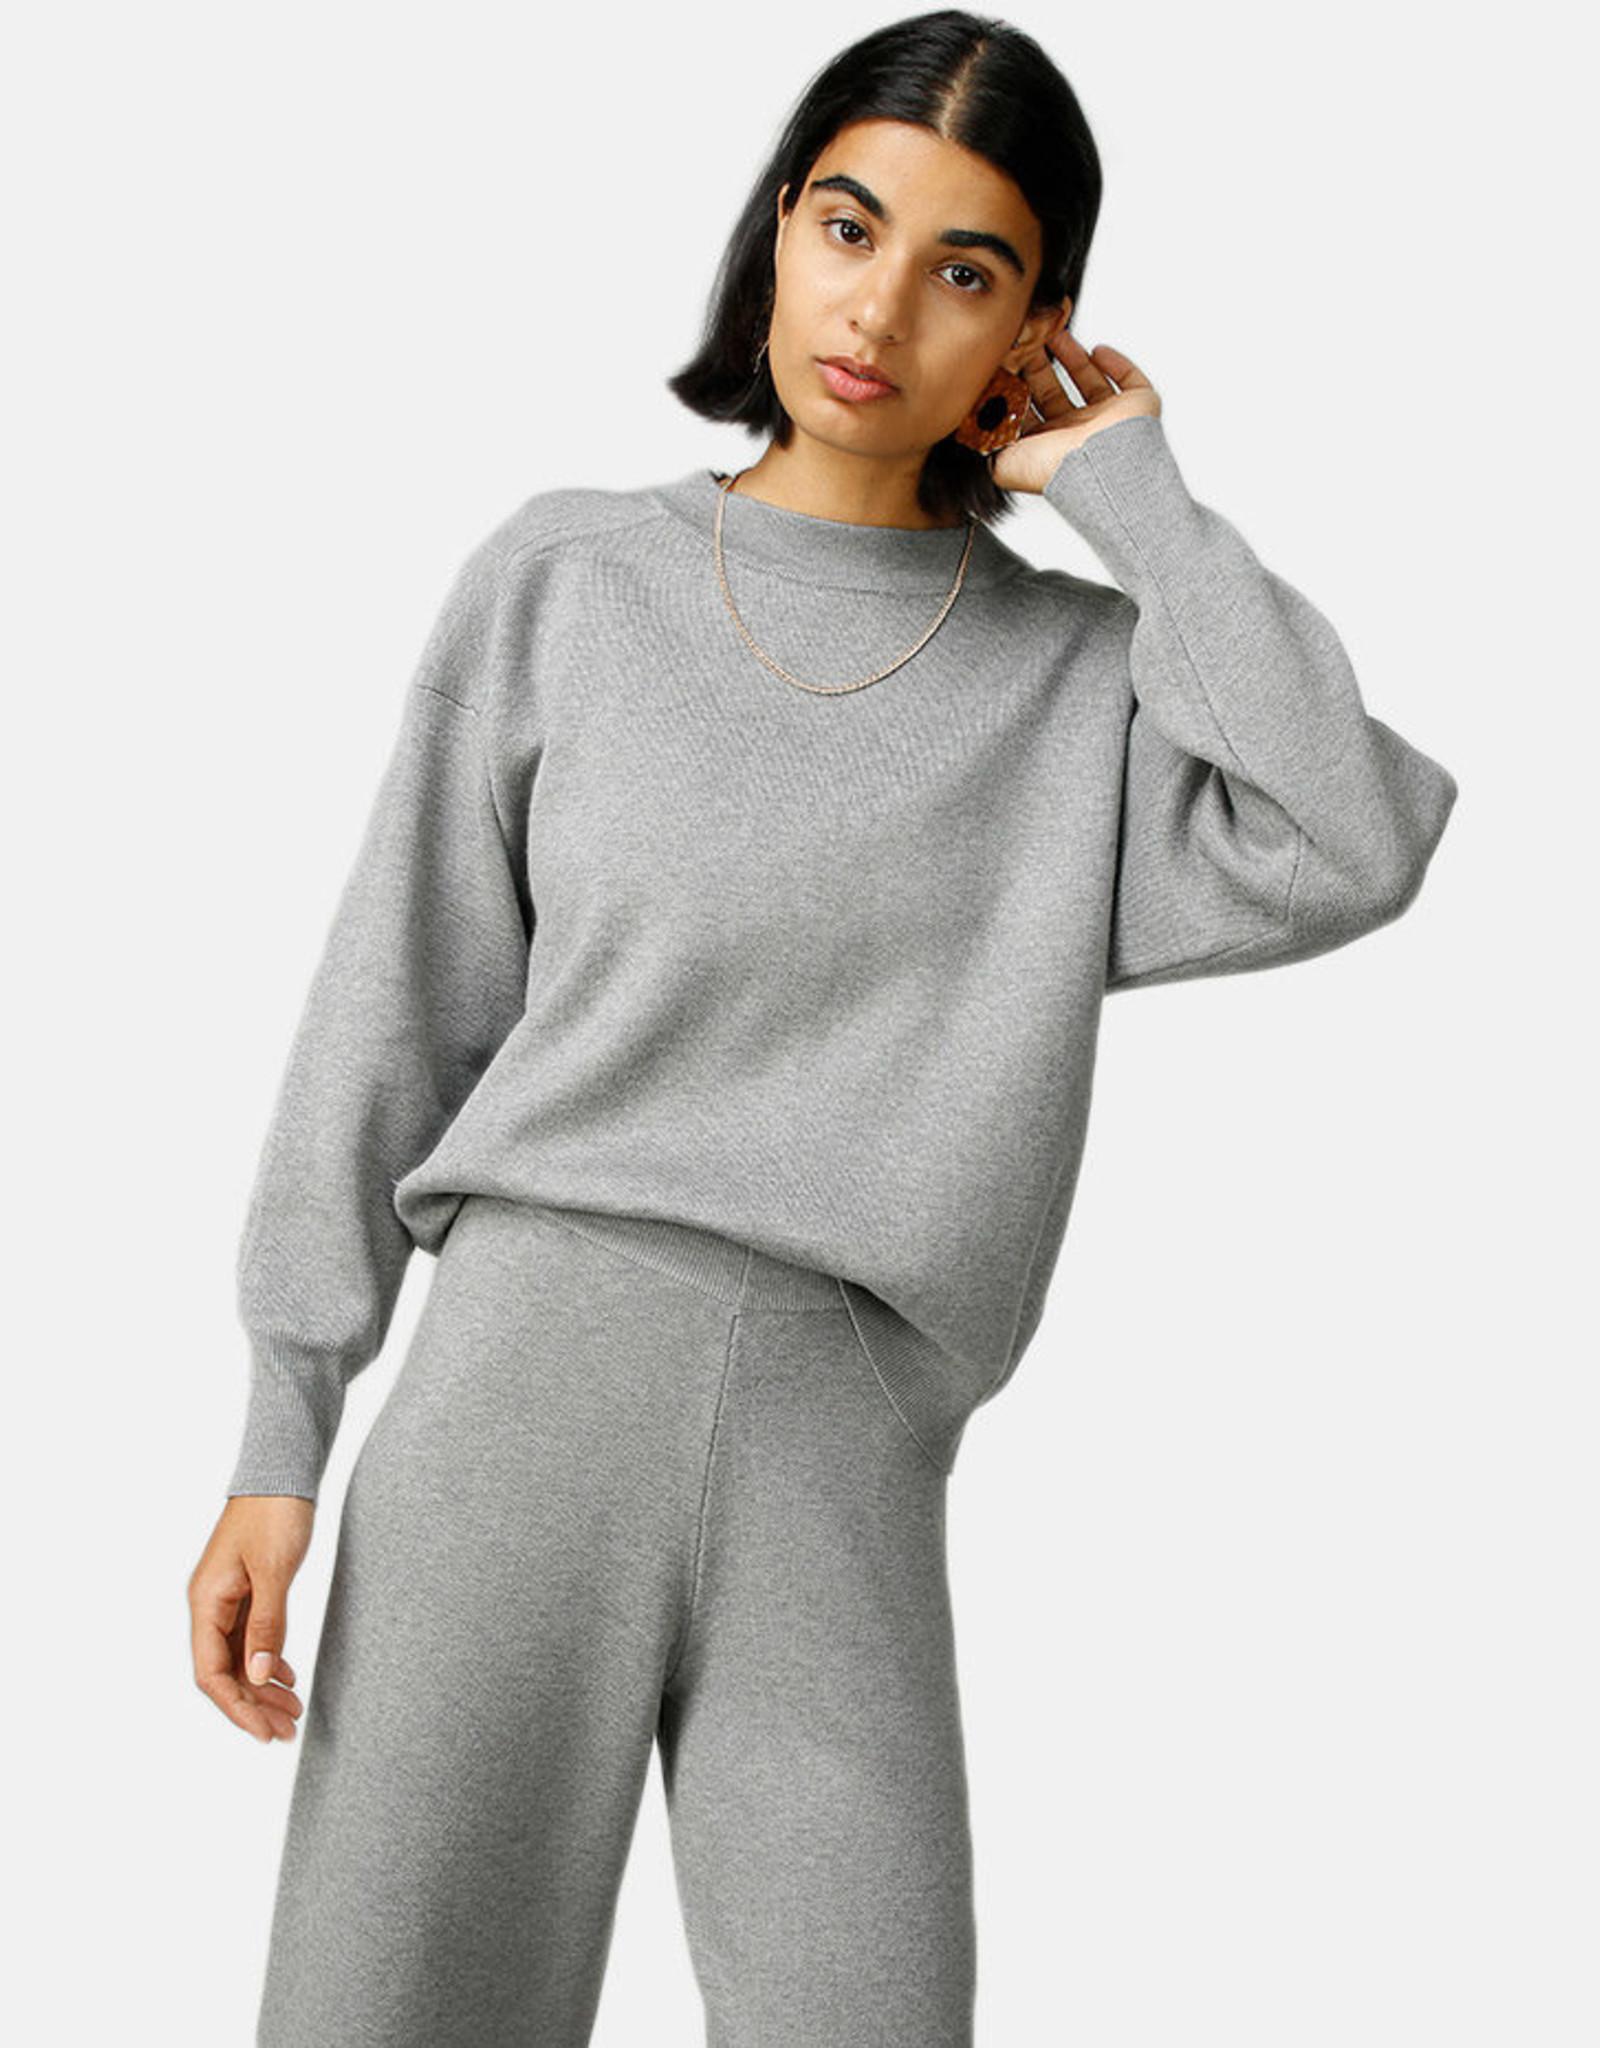 Homewear - Grey Knit